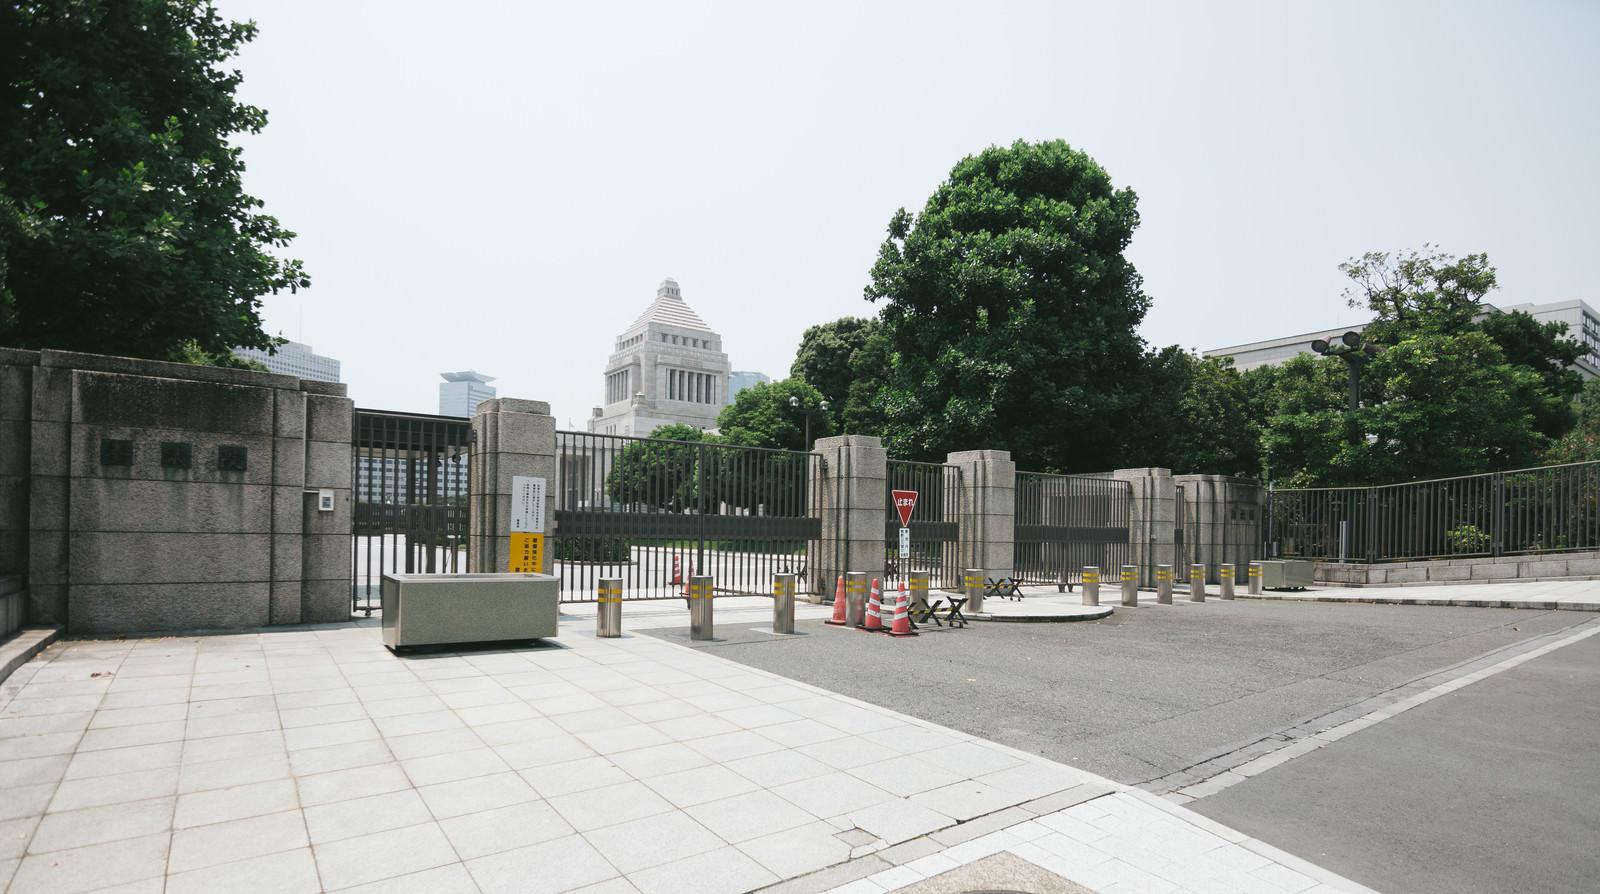 「国会議事堂参議院入口(閉門)国会議事堂参議院入口(閉門)」のフリー写真素材を拡大